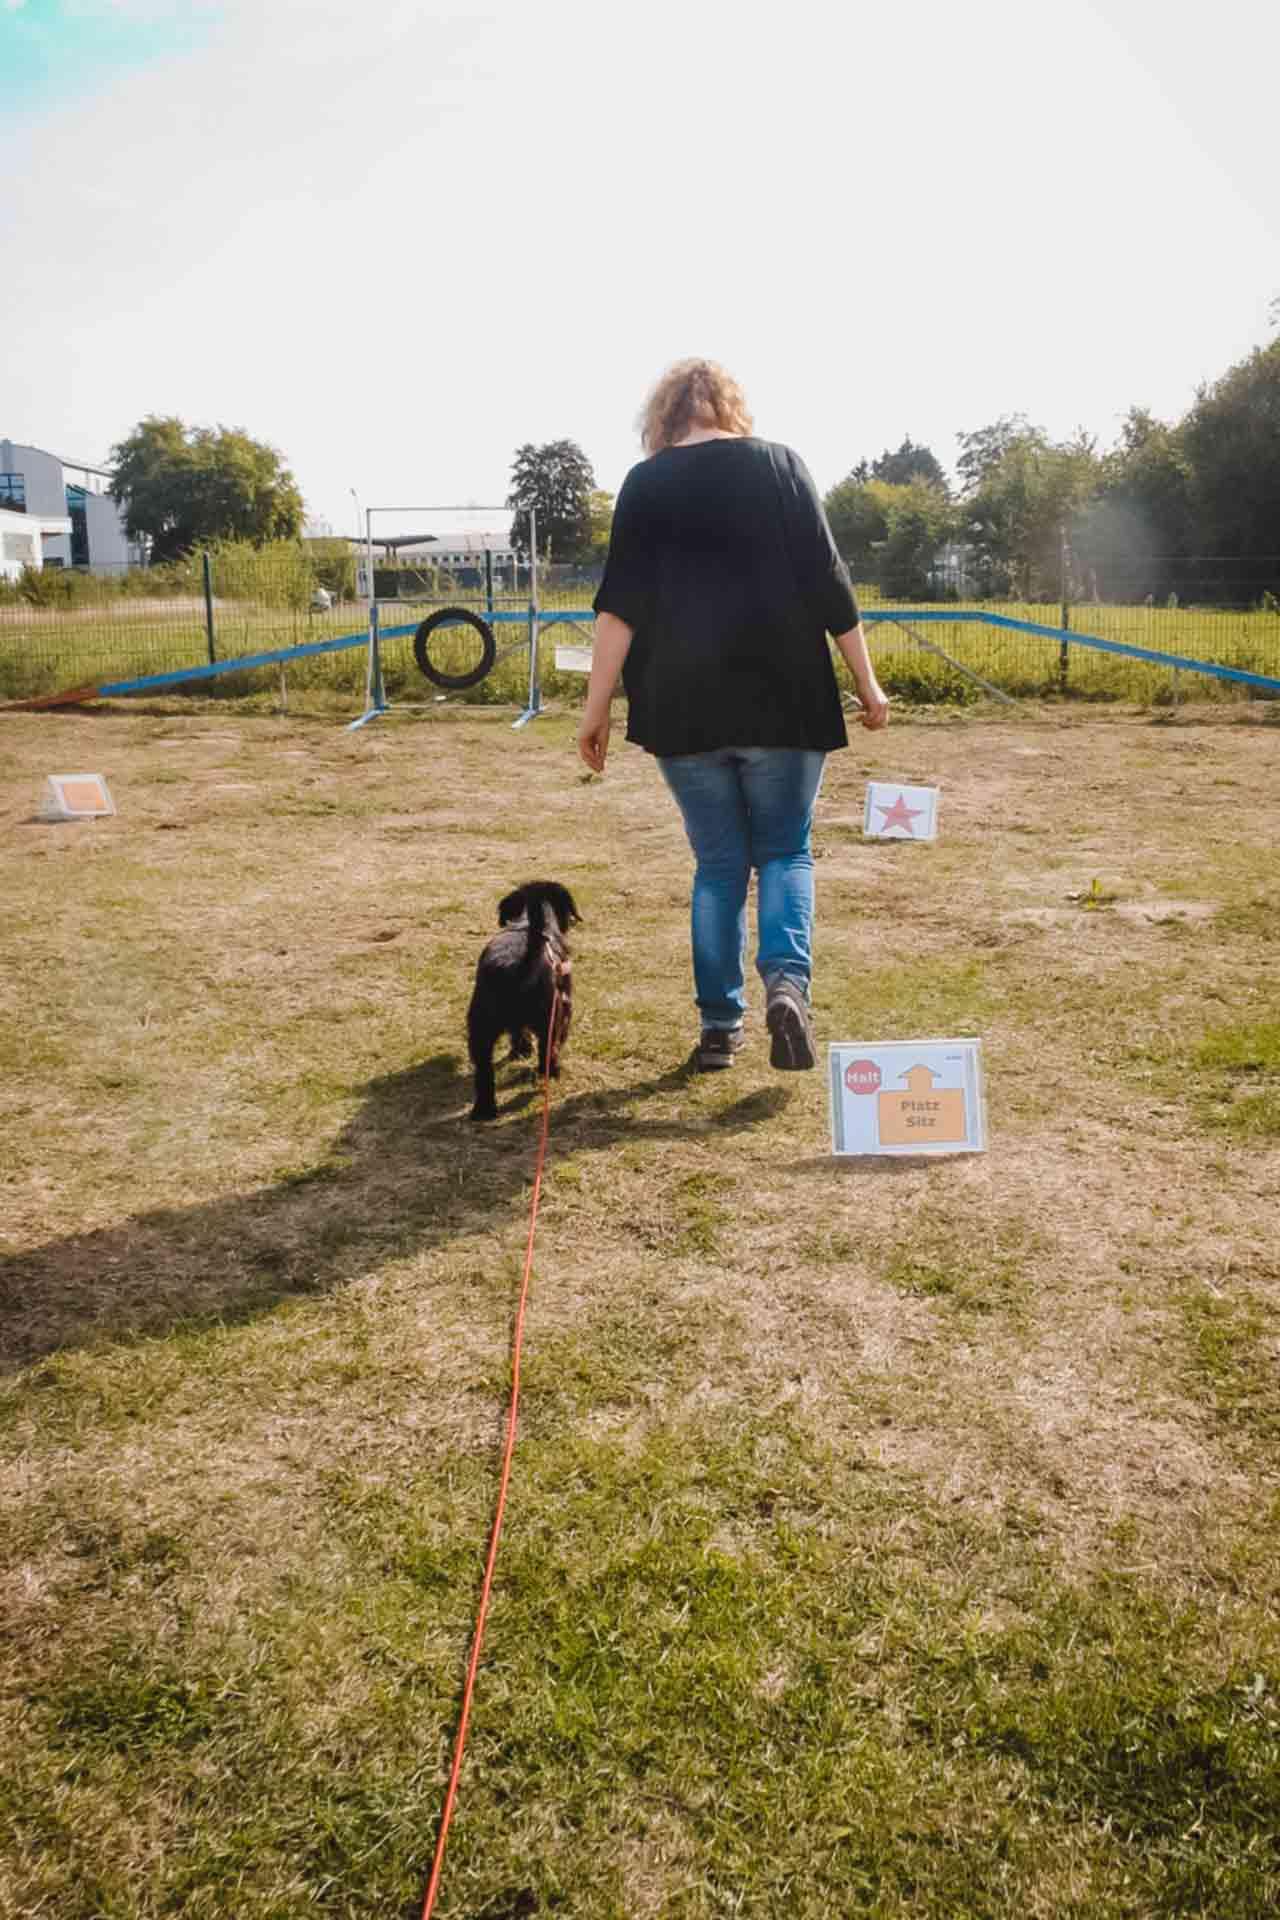 hundpunkt_hundeschule_muenster-ibbenbueren-kurse-allerlei-beschaeftigung